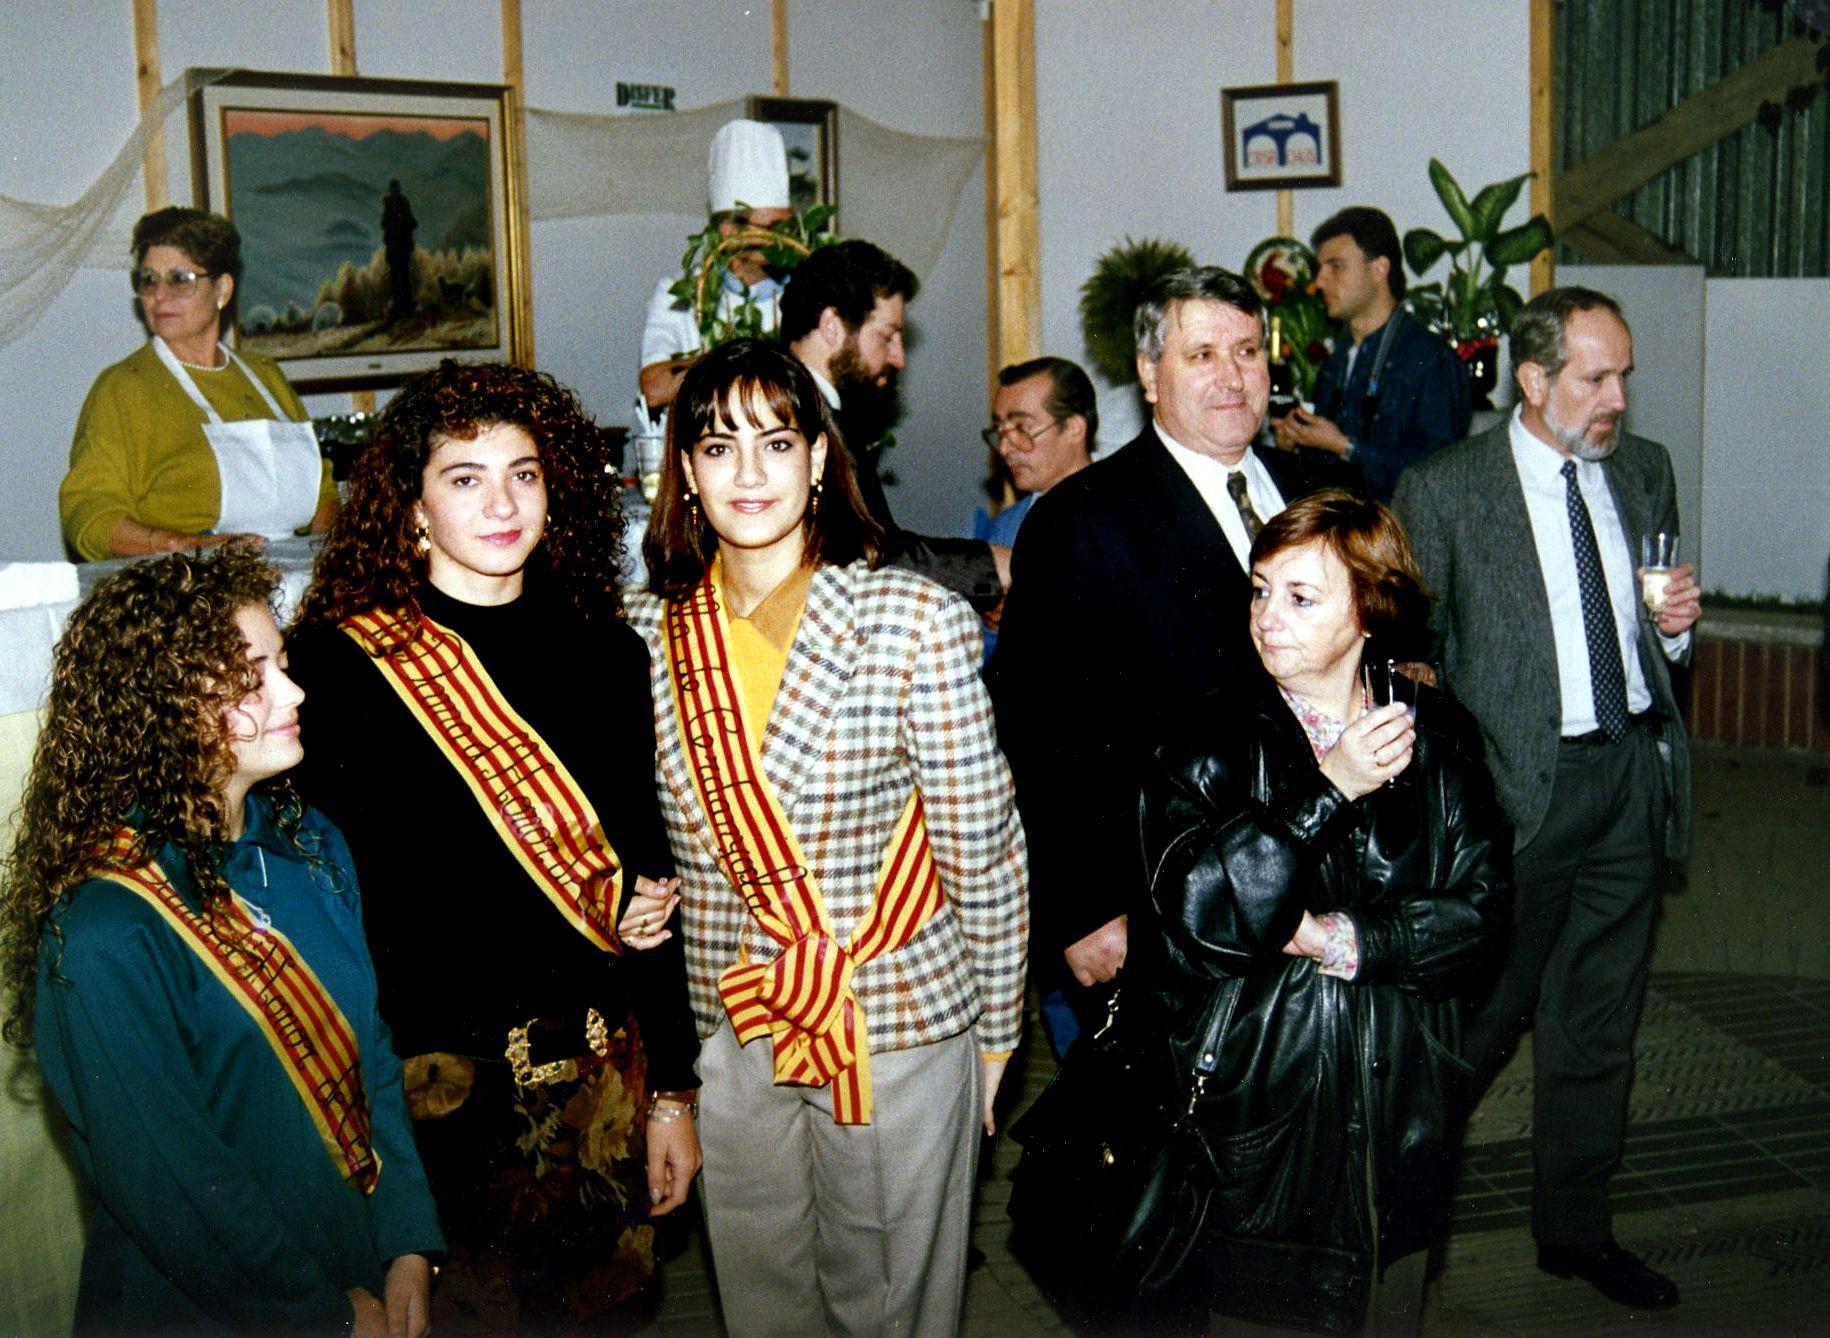 Autoritats i moments de festa l'any 1991. Autor: Pepe Urbano